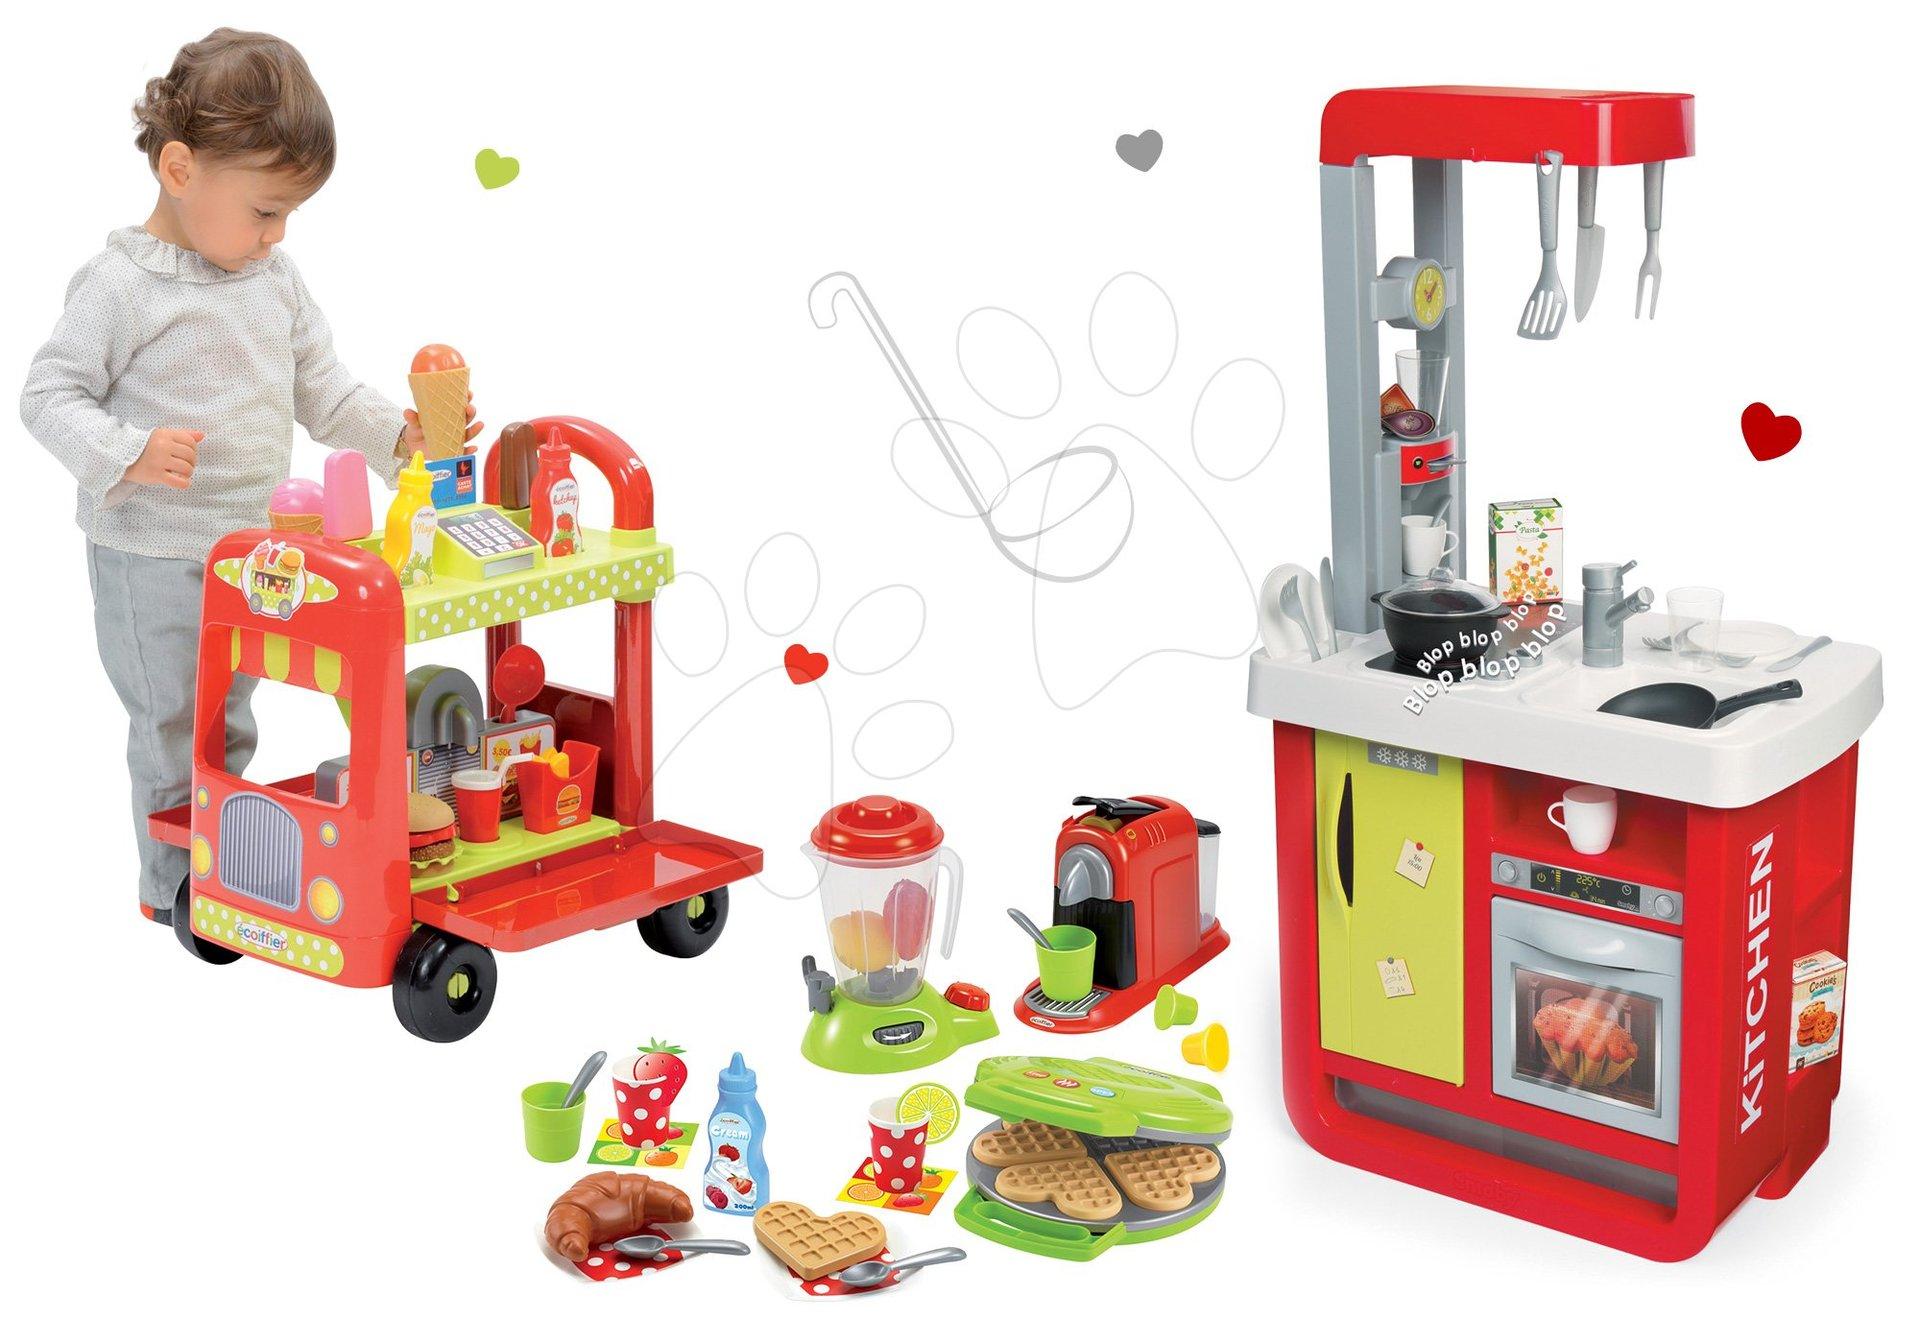 Set kuchyňka Cherry Special Smoby se zvuky a vaflovač s mixérem a kávovarem